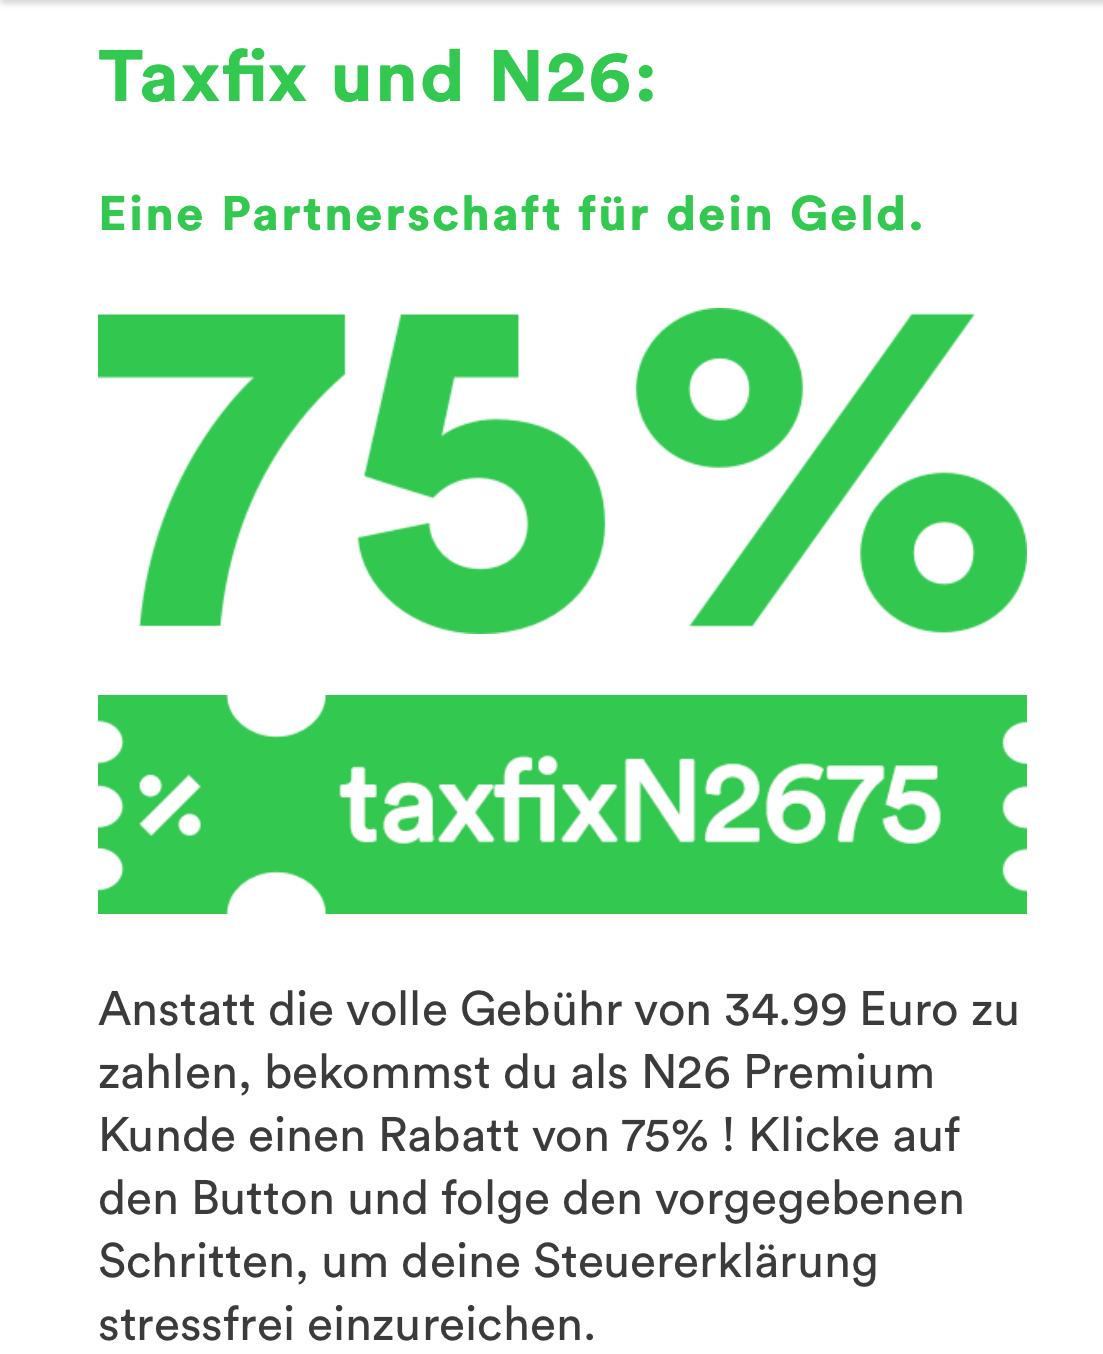 75% Rabatt bei der Steuererklärung bei Taxfix, 8,75€ werden nur fällig bei einer Steuererstattung > 50€